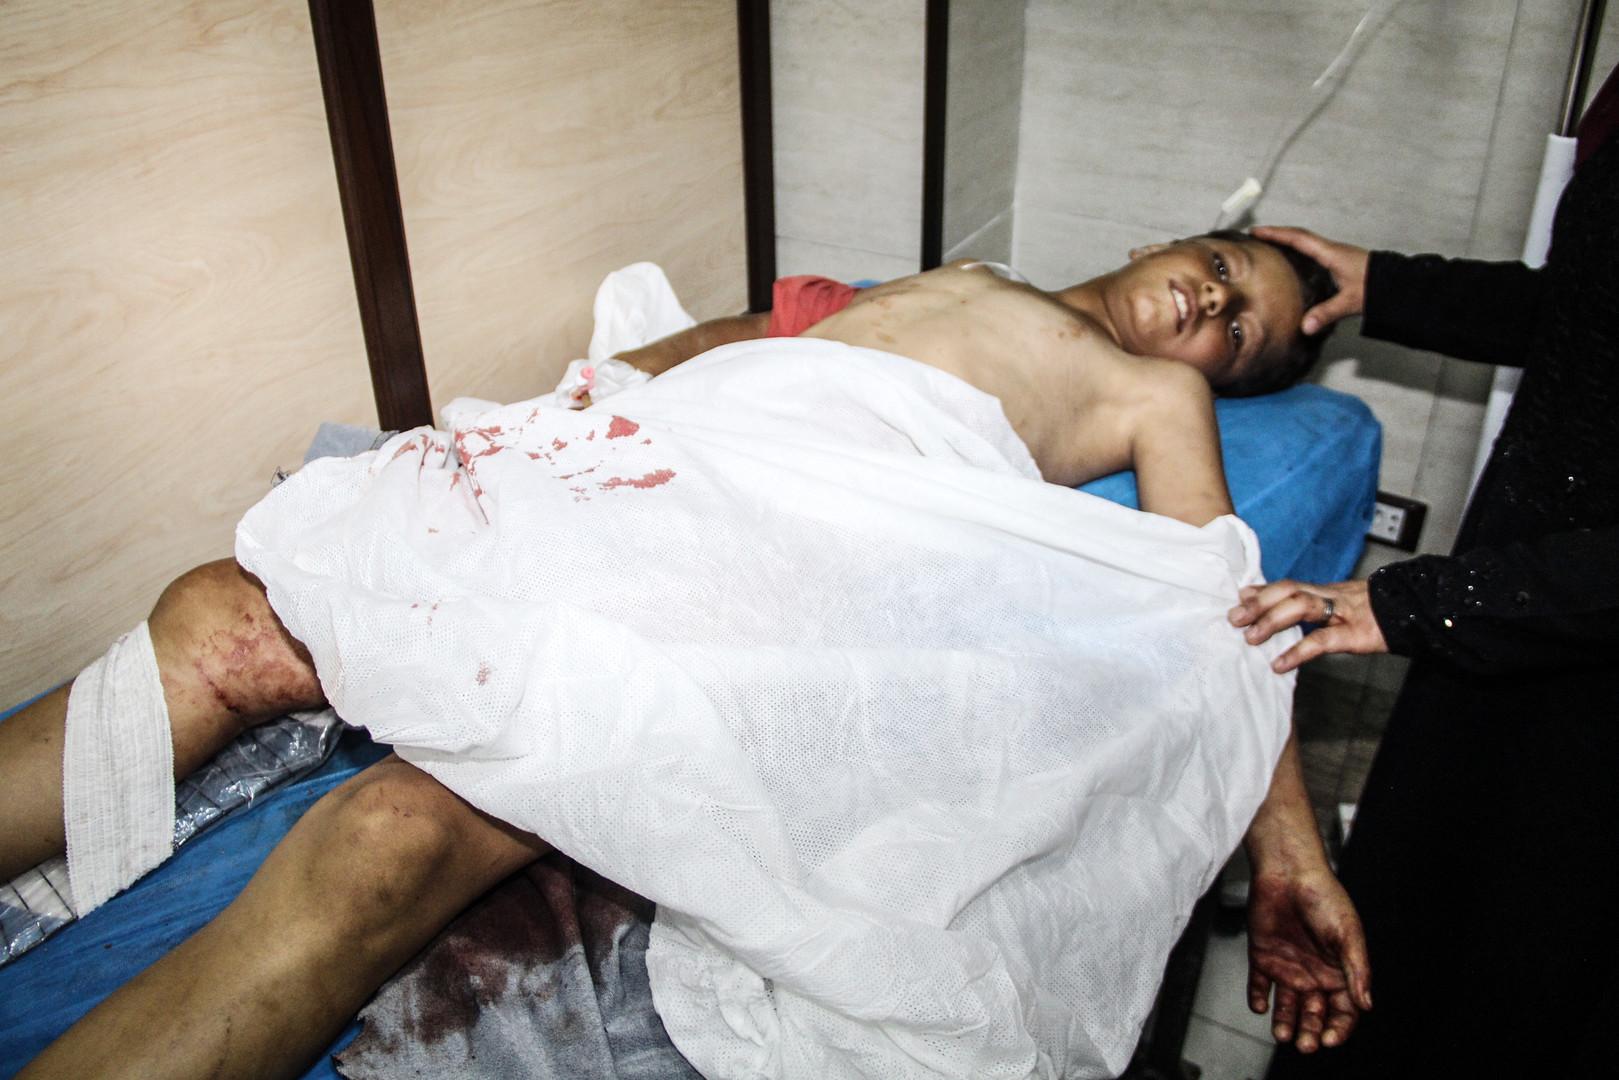 أحد الجرحى جراء قصف أحياء في مدين حلب السورية من قبل المسلحين